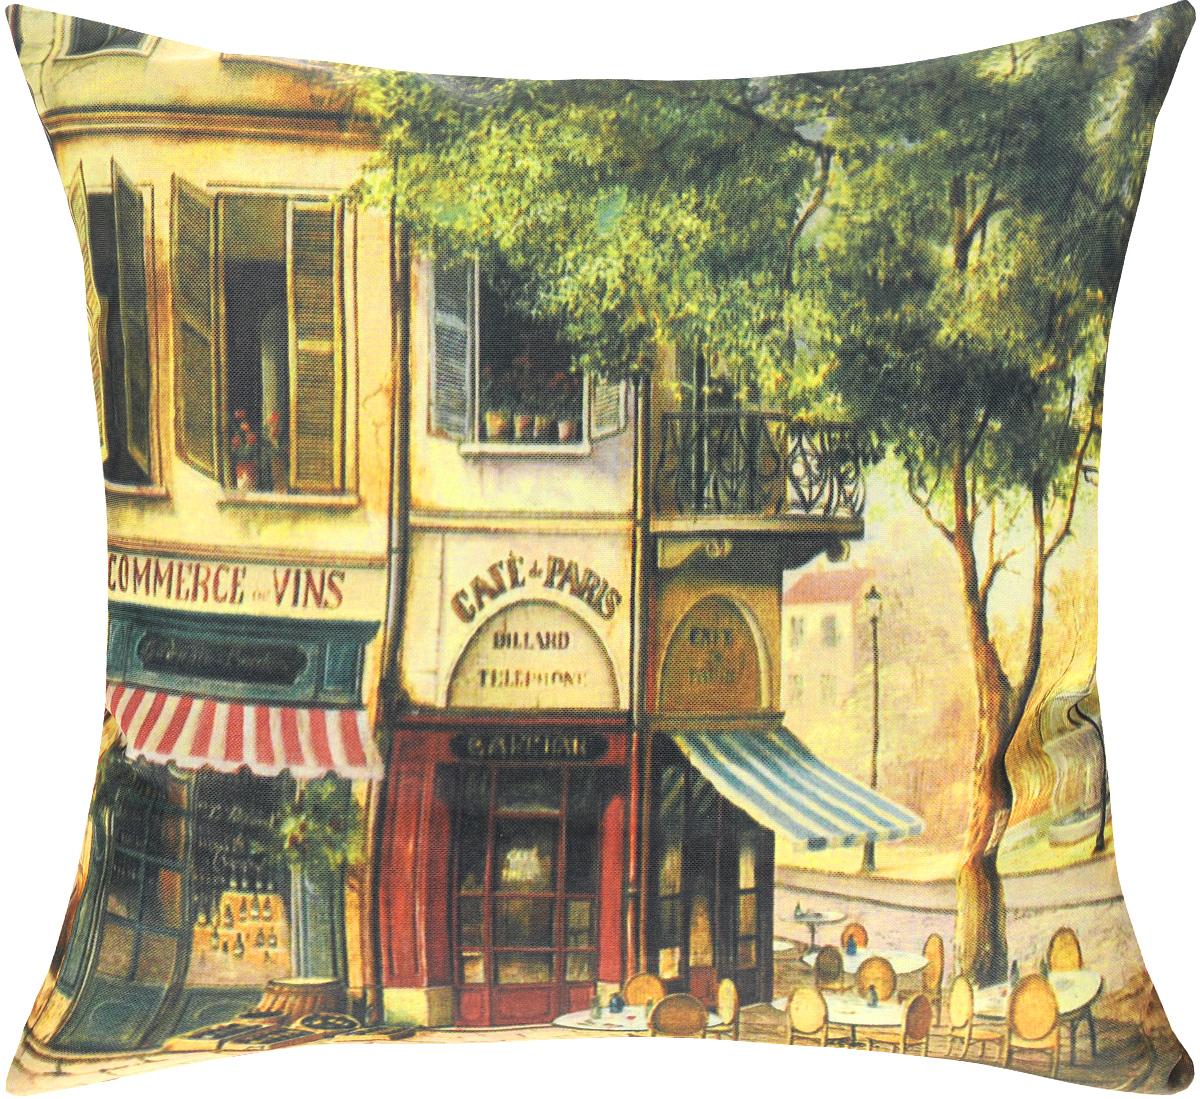 Подушка декоративная GiftnHome Парижское кафе, 40 х 40 cмPLW-OXF-40 CafeДекоративная подушка GiftnHome Парижское кафе - это яркое украшение вашего дома. Чехол выполнен из ткани Оксфорд и украшен красочным изображением. Внутренний наполнитель подушки - холлофайбер. Чехол застегивается на молнию.Красивая подушка создаст в доме уют и станет прекрасным элементом декора.